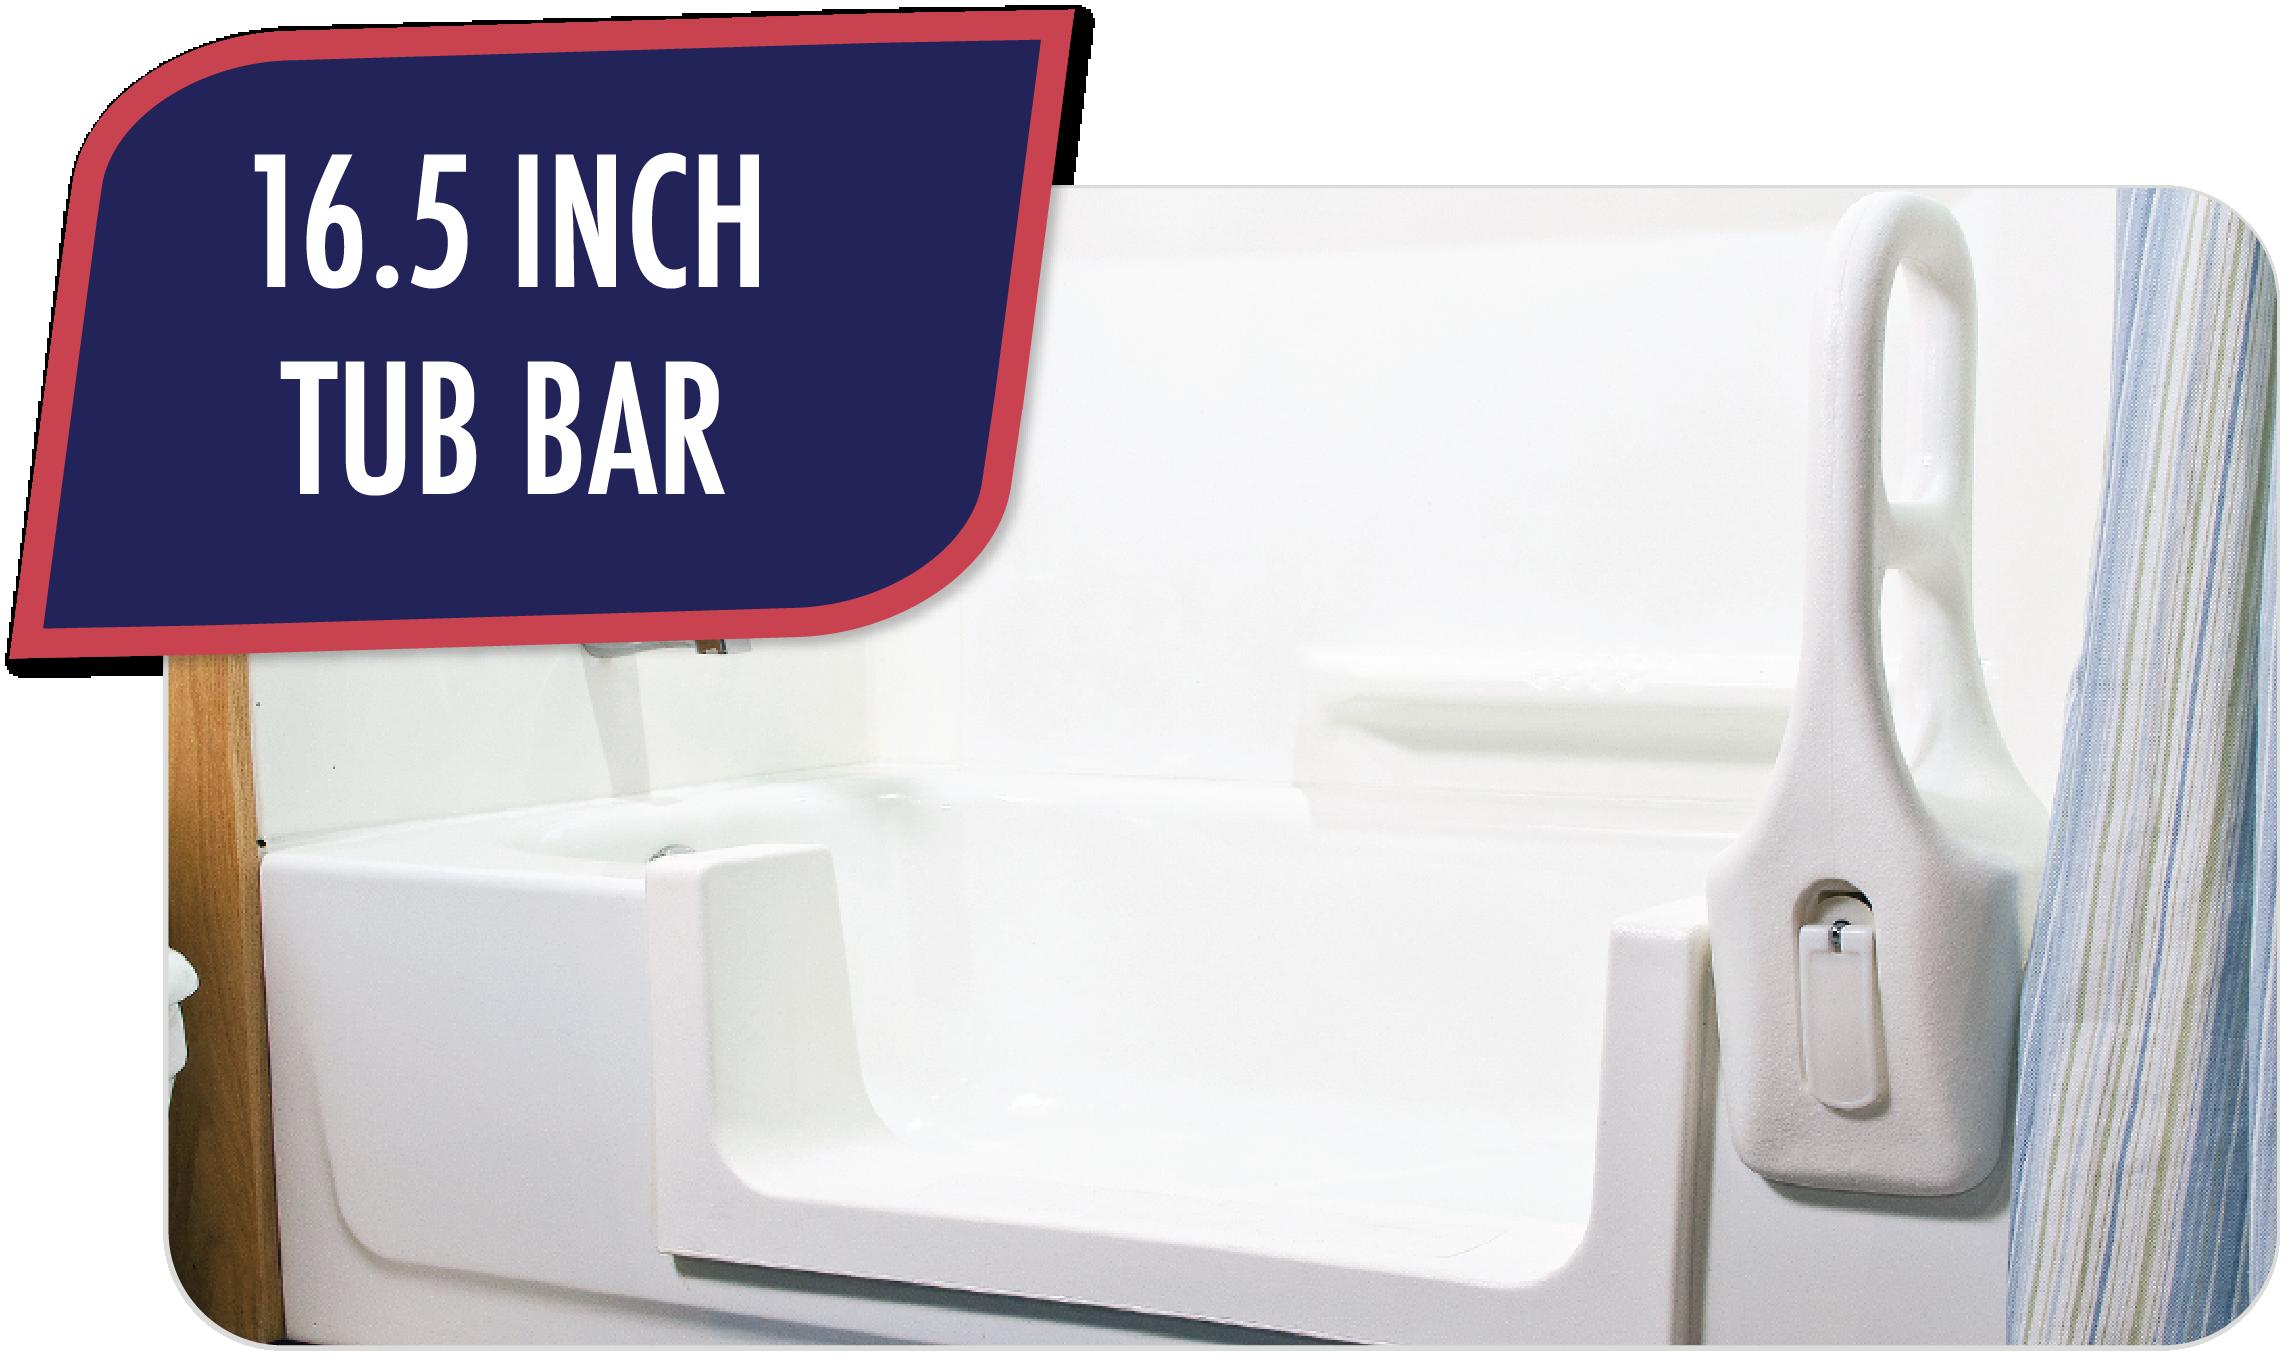 Tub Bar